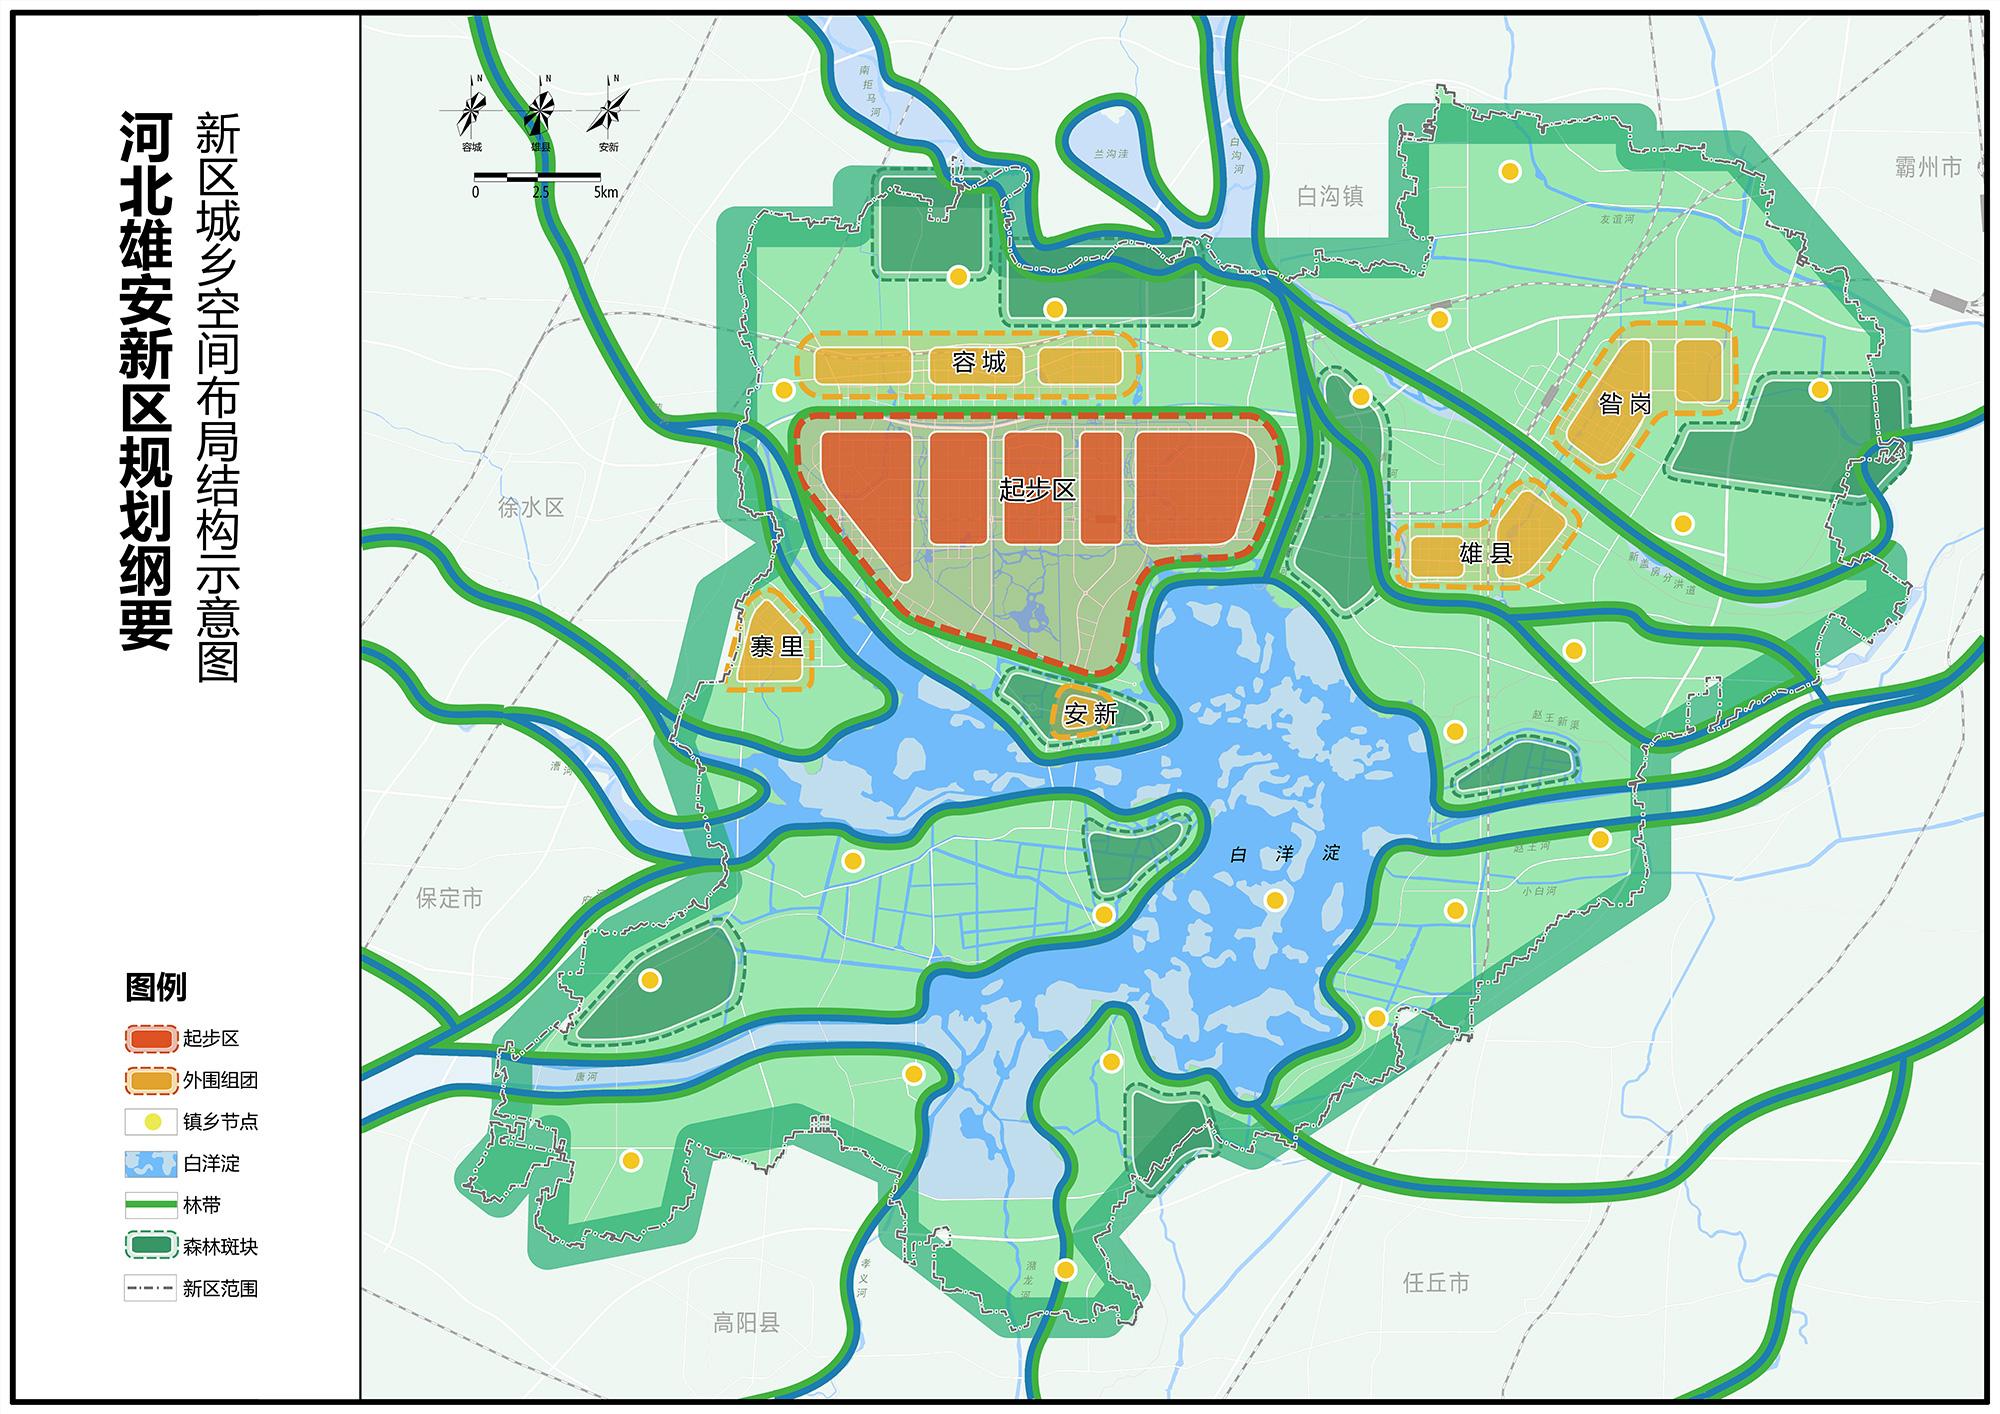 上蔡县滨湖新区规划居住人口_上蔡县城北新区规划图